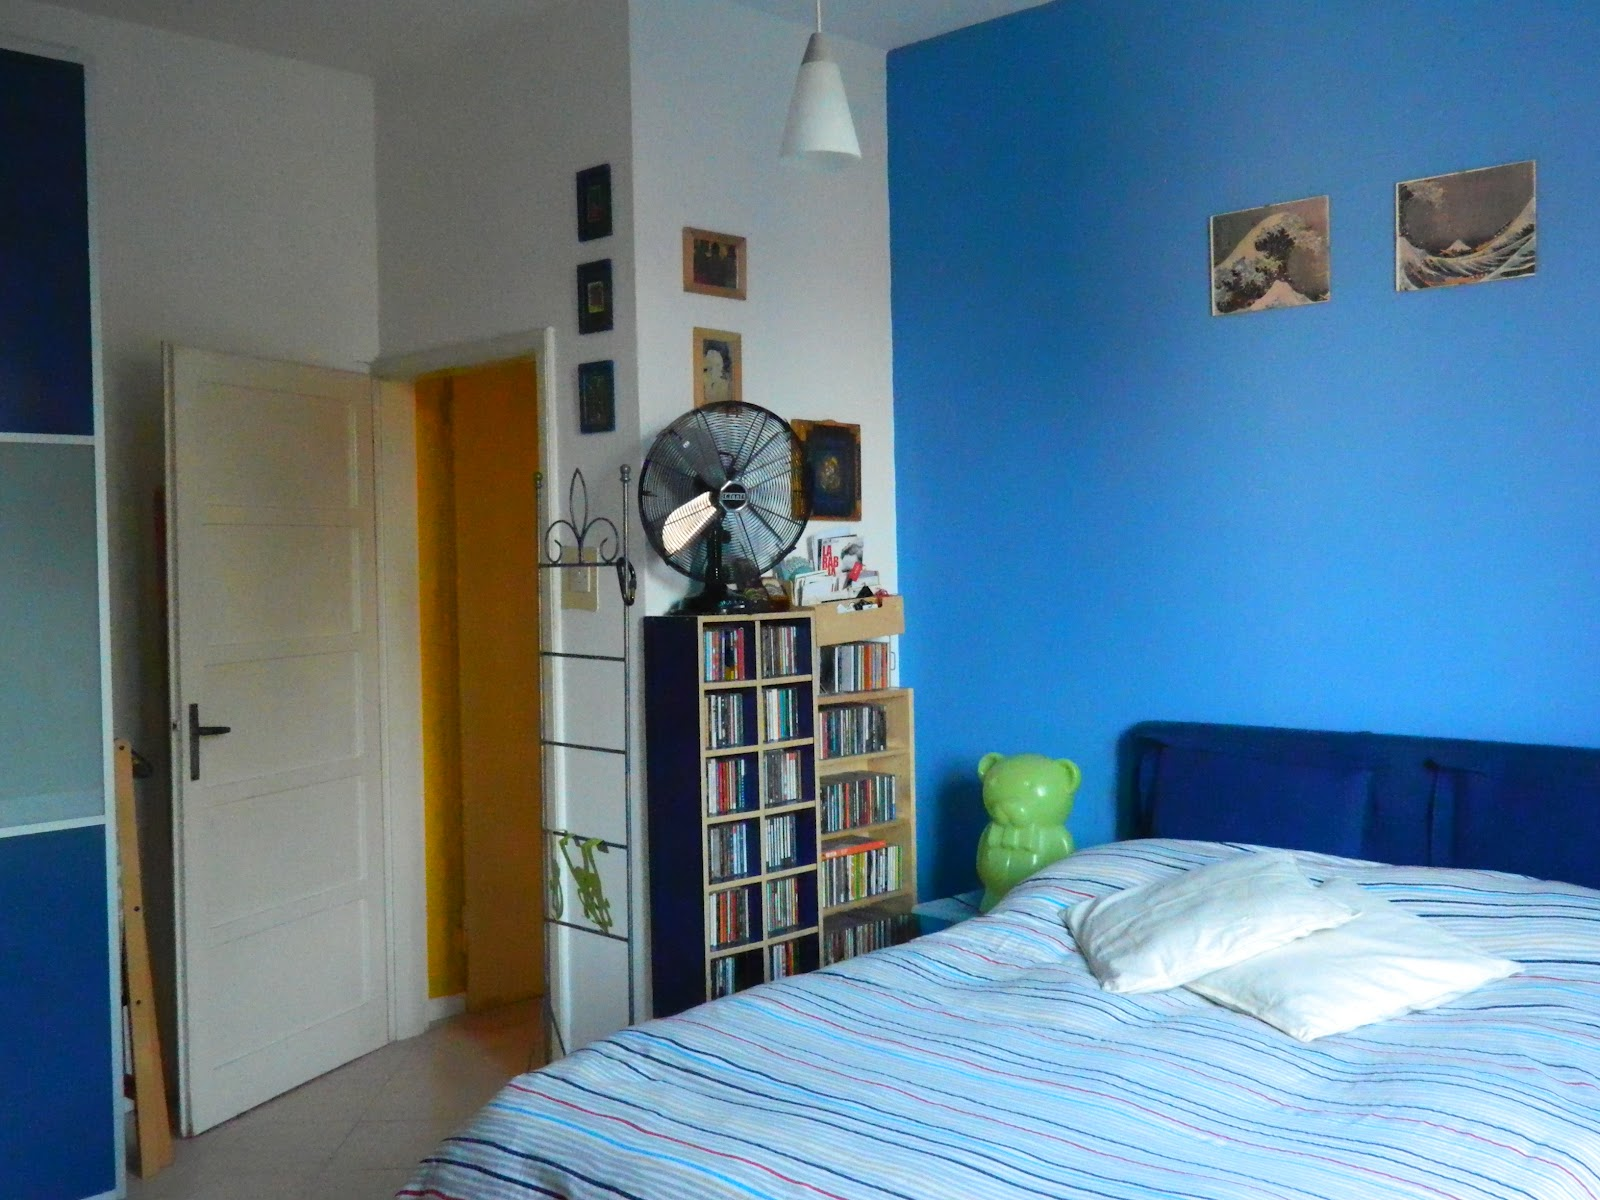 Viasmeraldobologna camera da letto - Stanze da letto usate ...